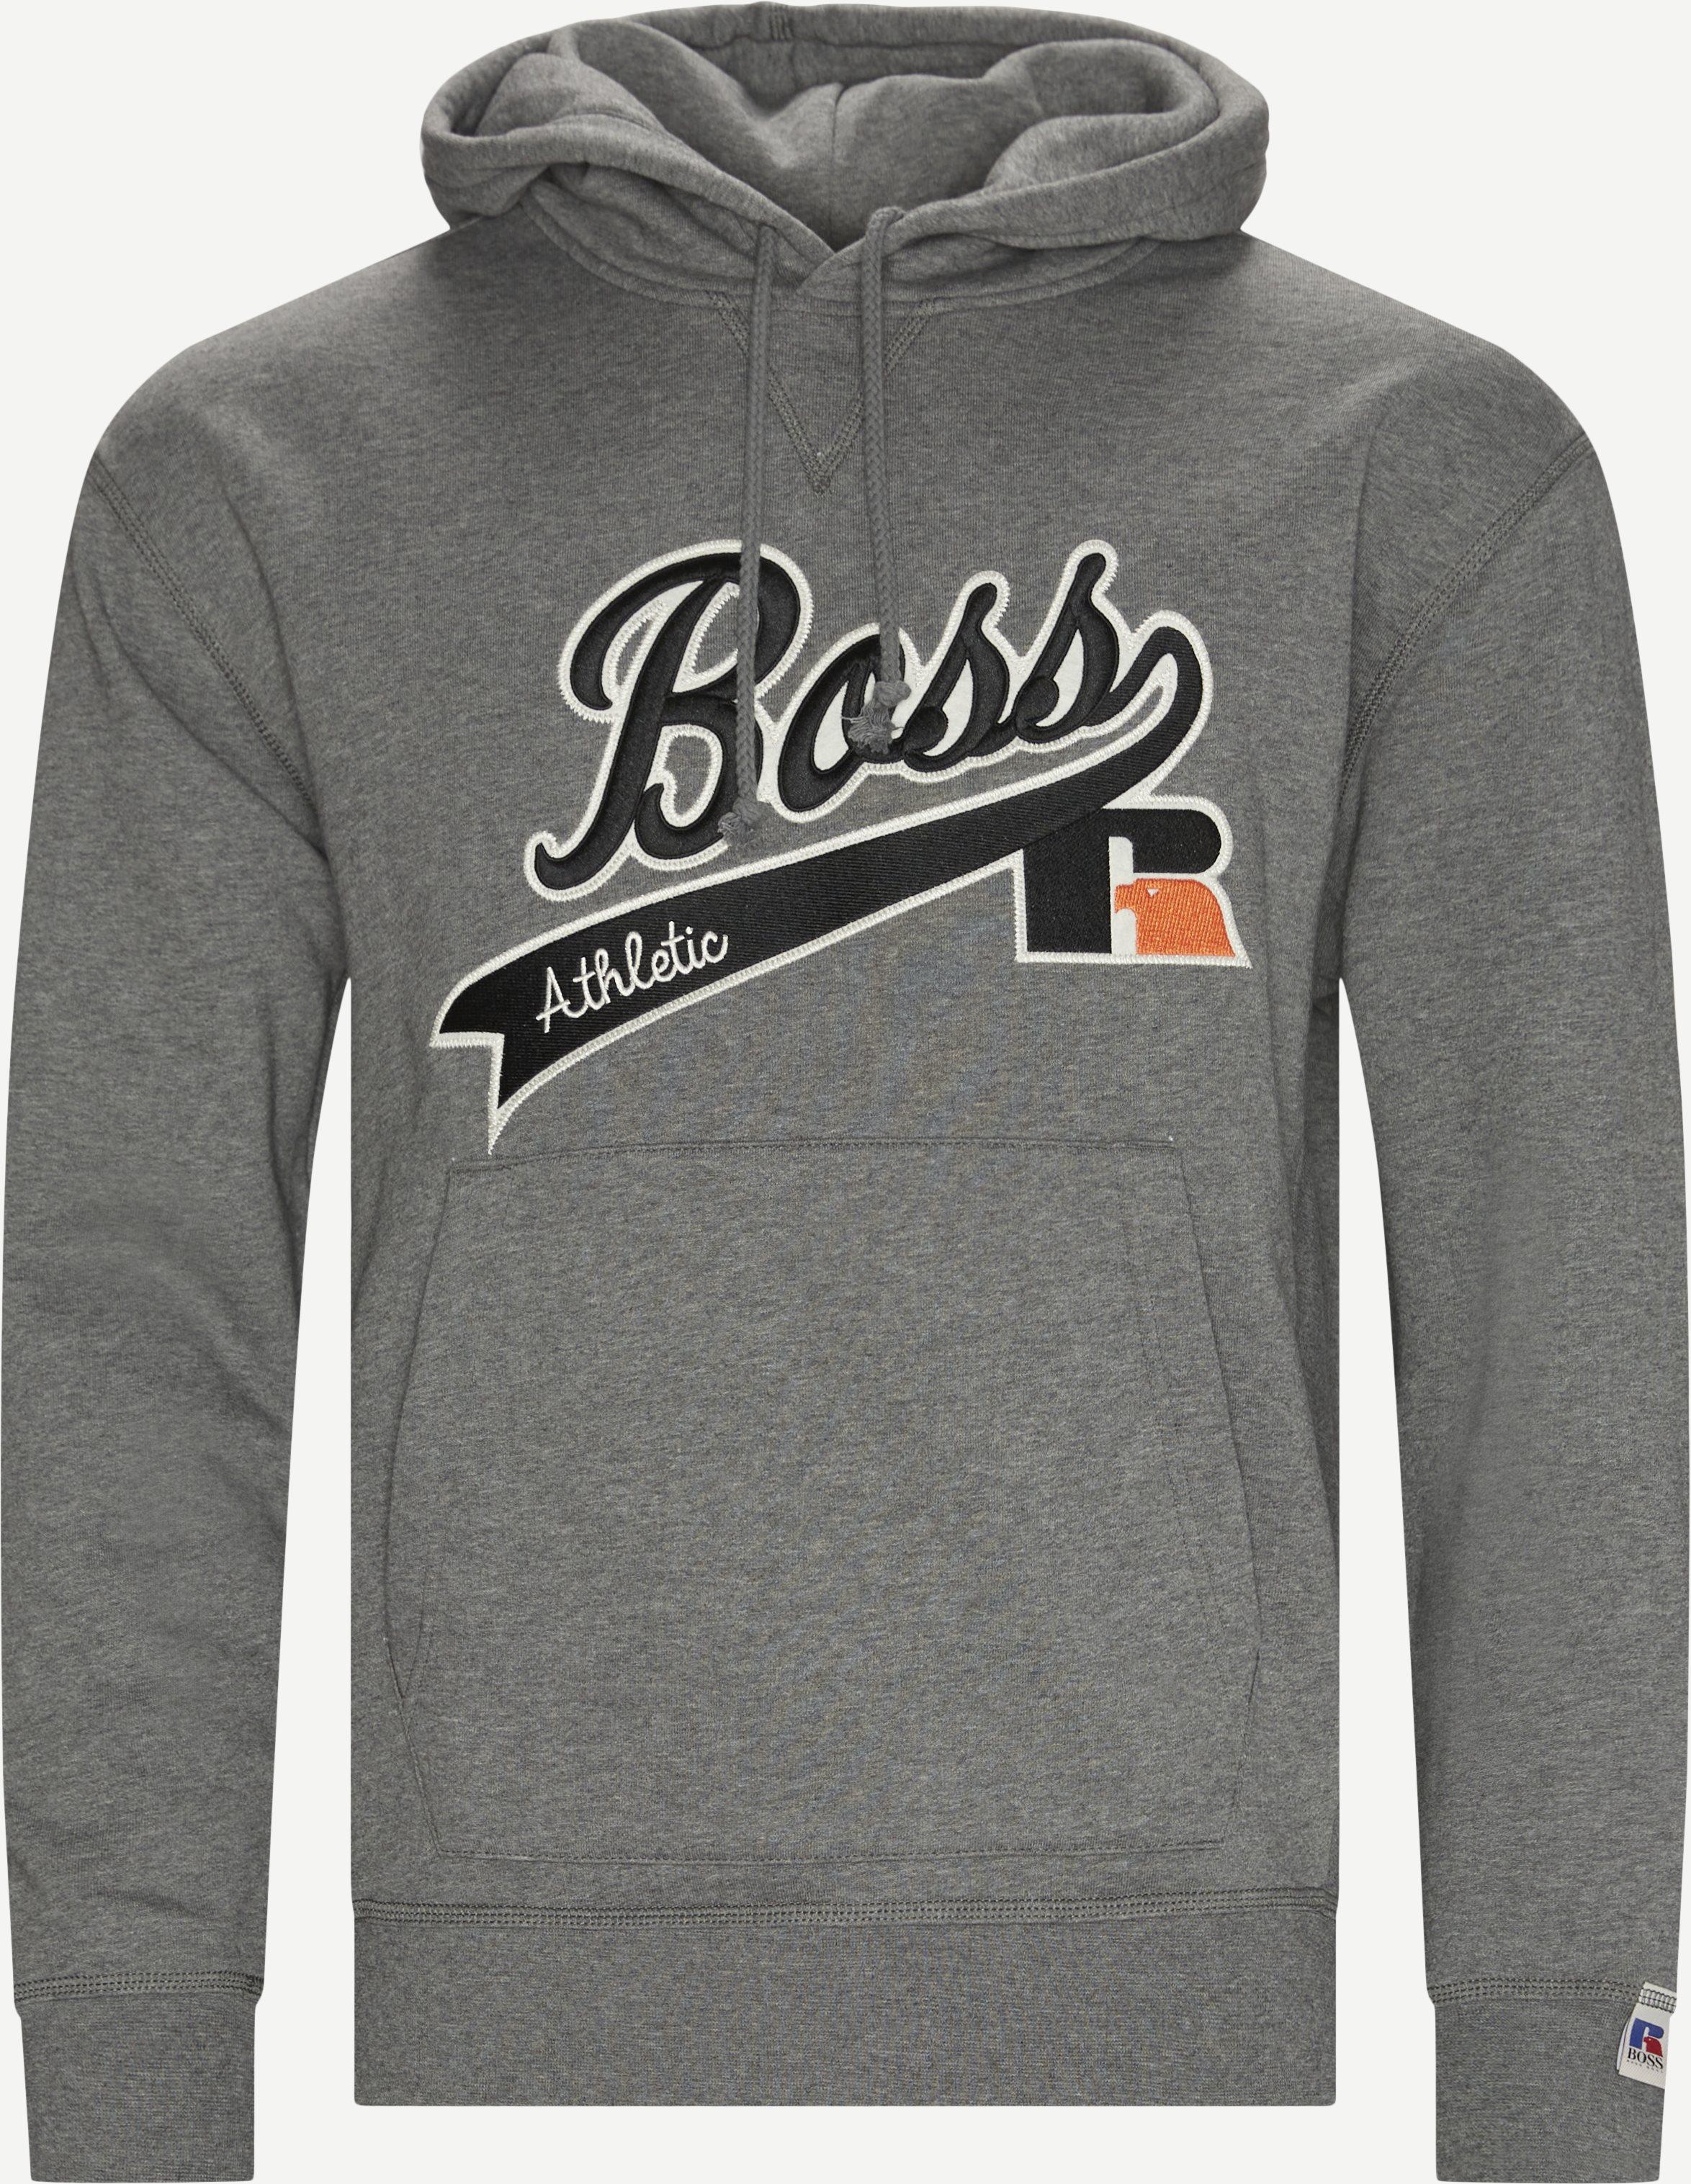 BOSS x Russel Hooded Sweatshirt - Sweatshirts - Regular fit - Grå